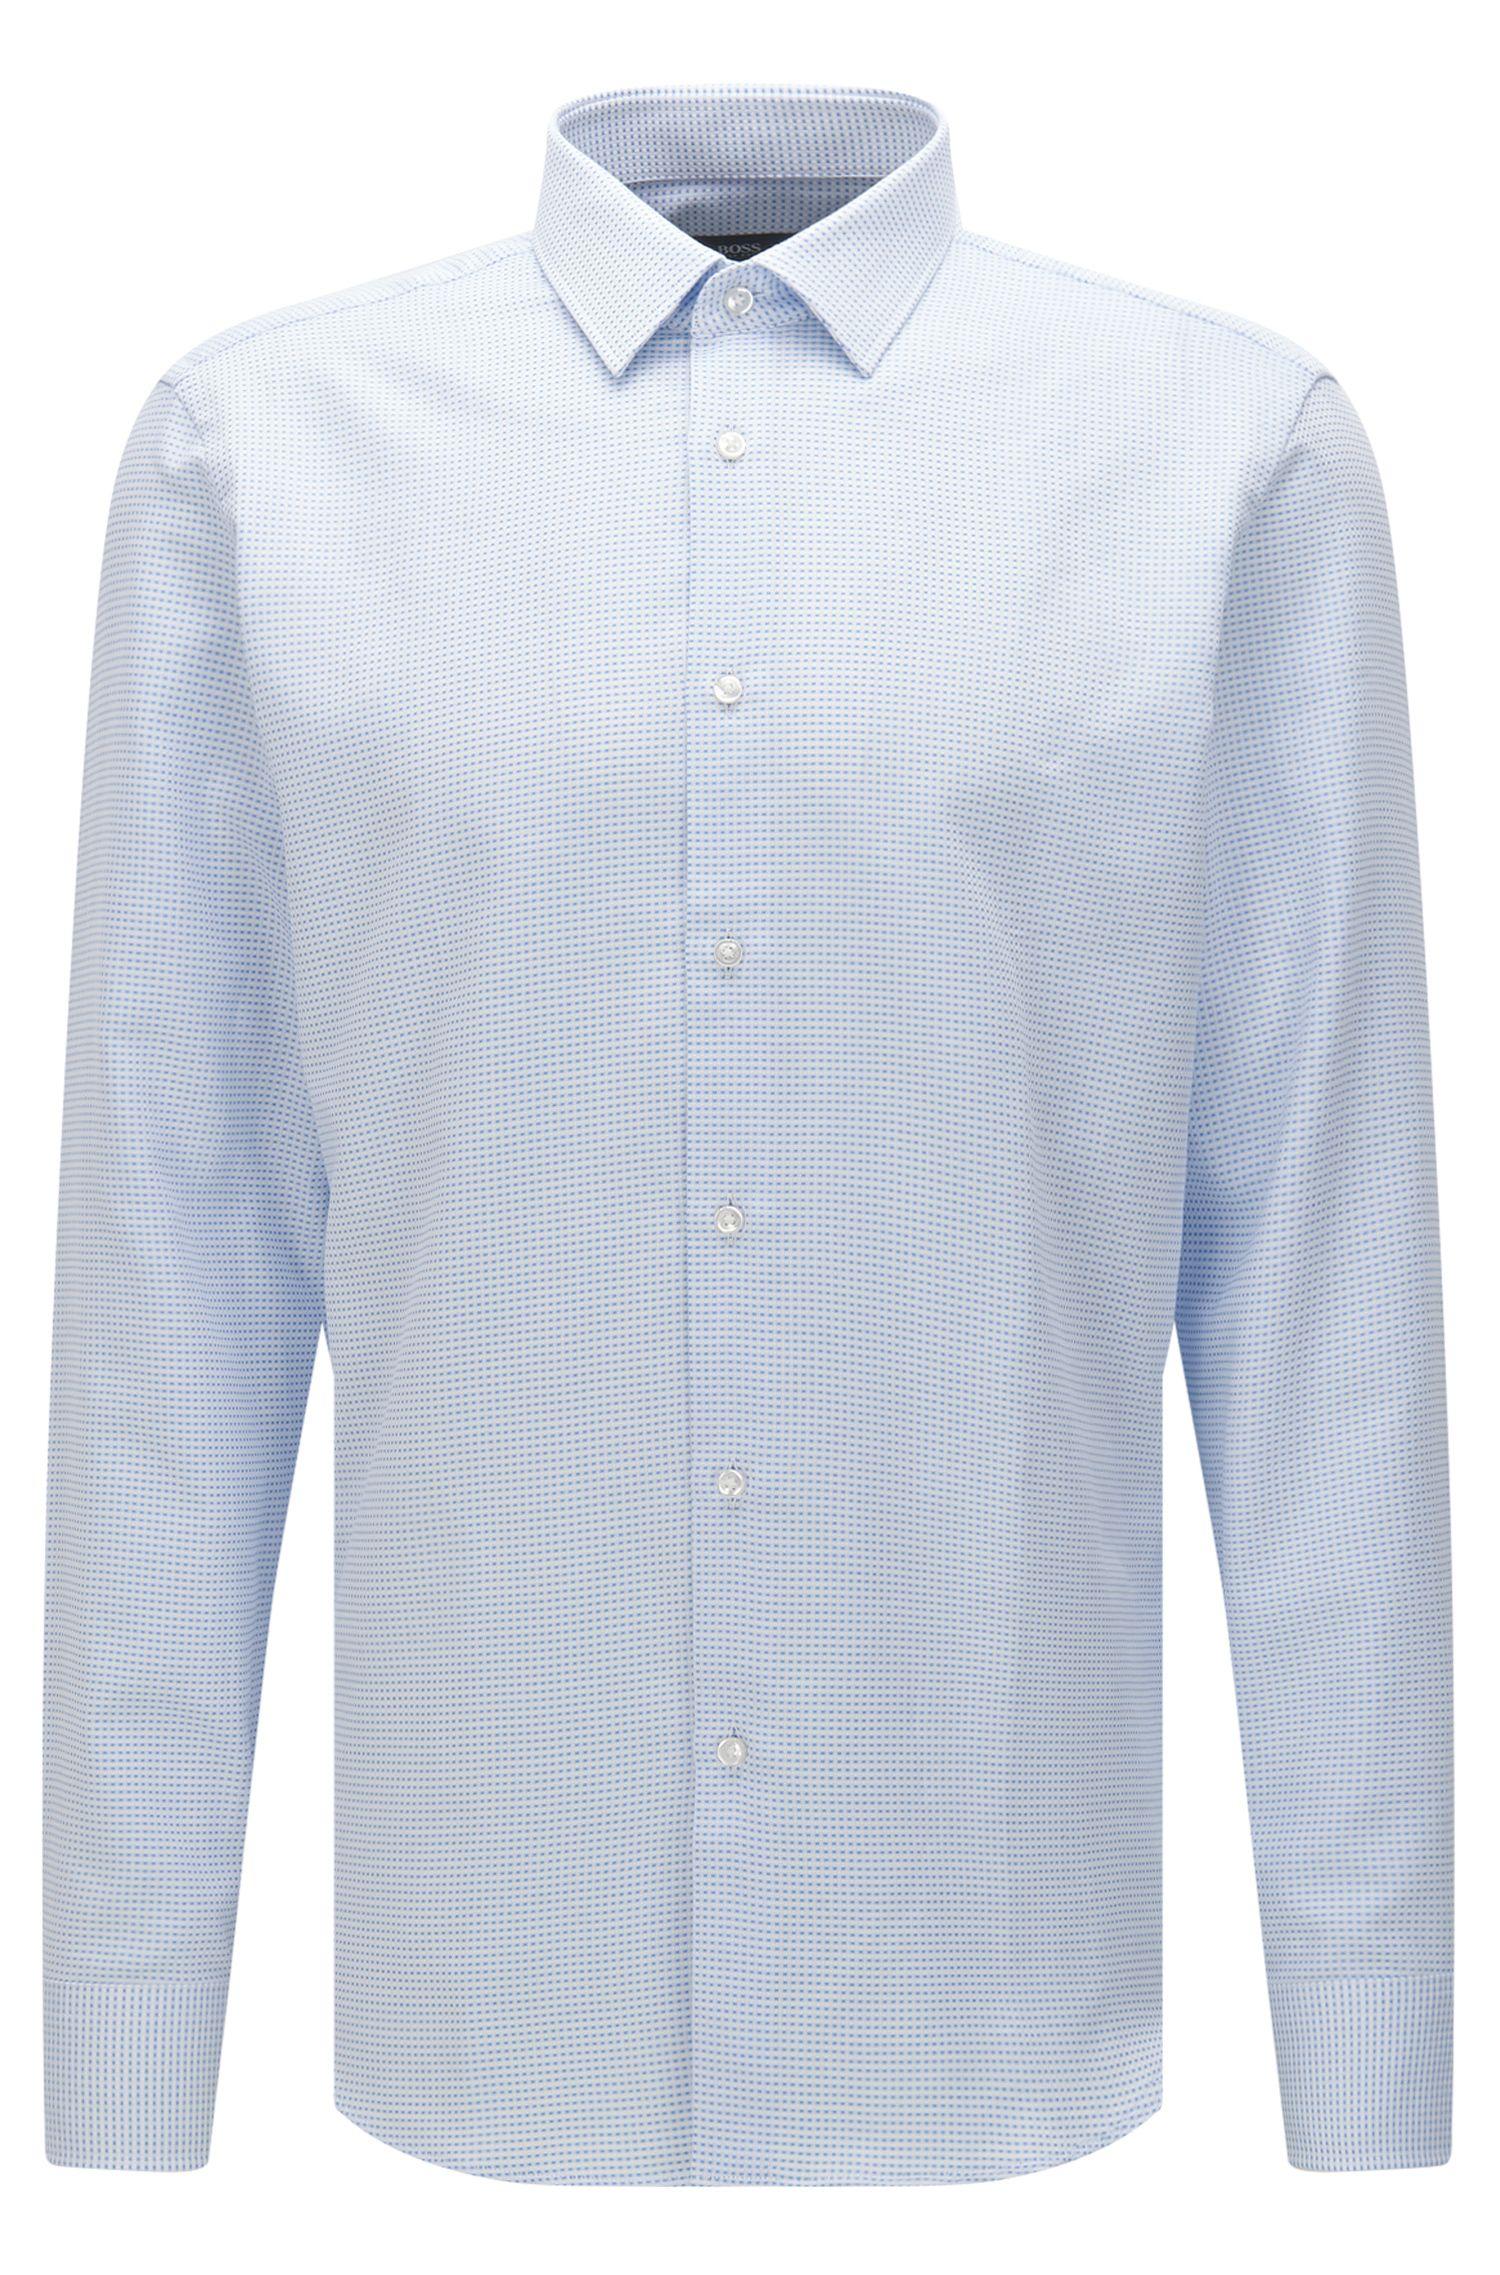 Fein kariertes Regular-Fit Hemd aus Baumwolle: 'Enzo'